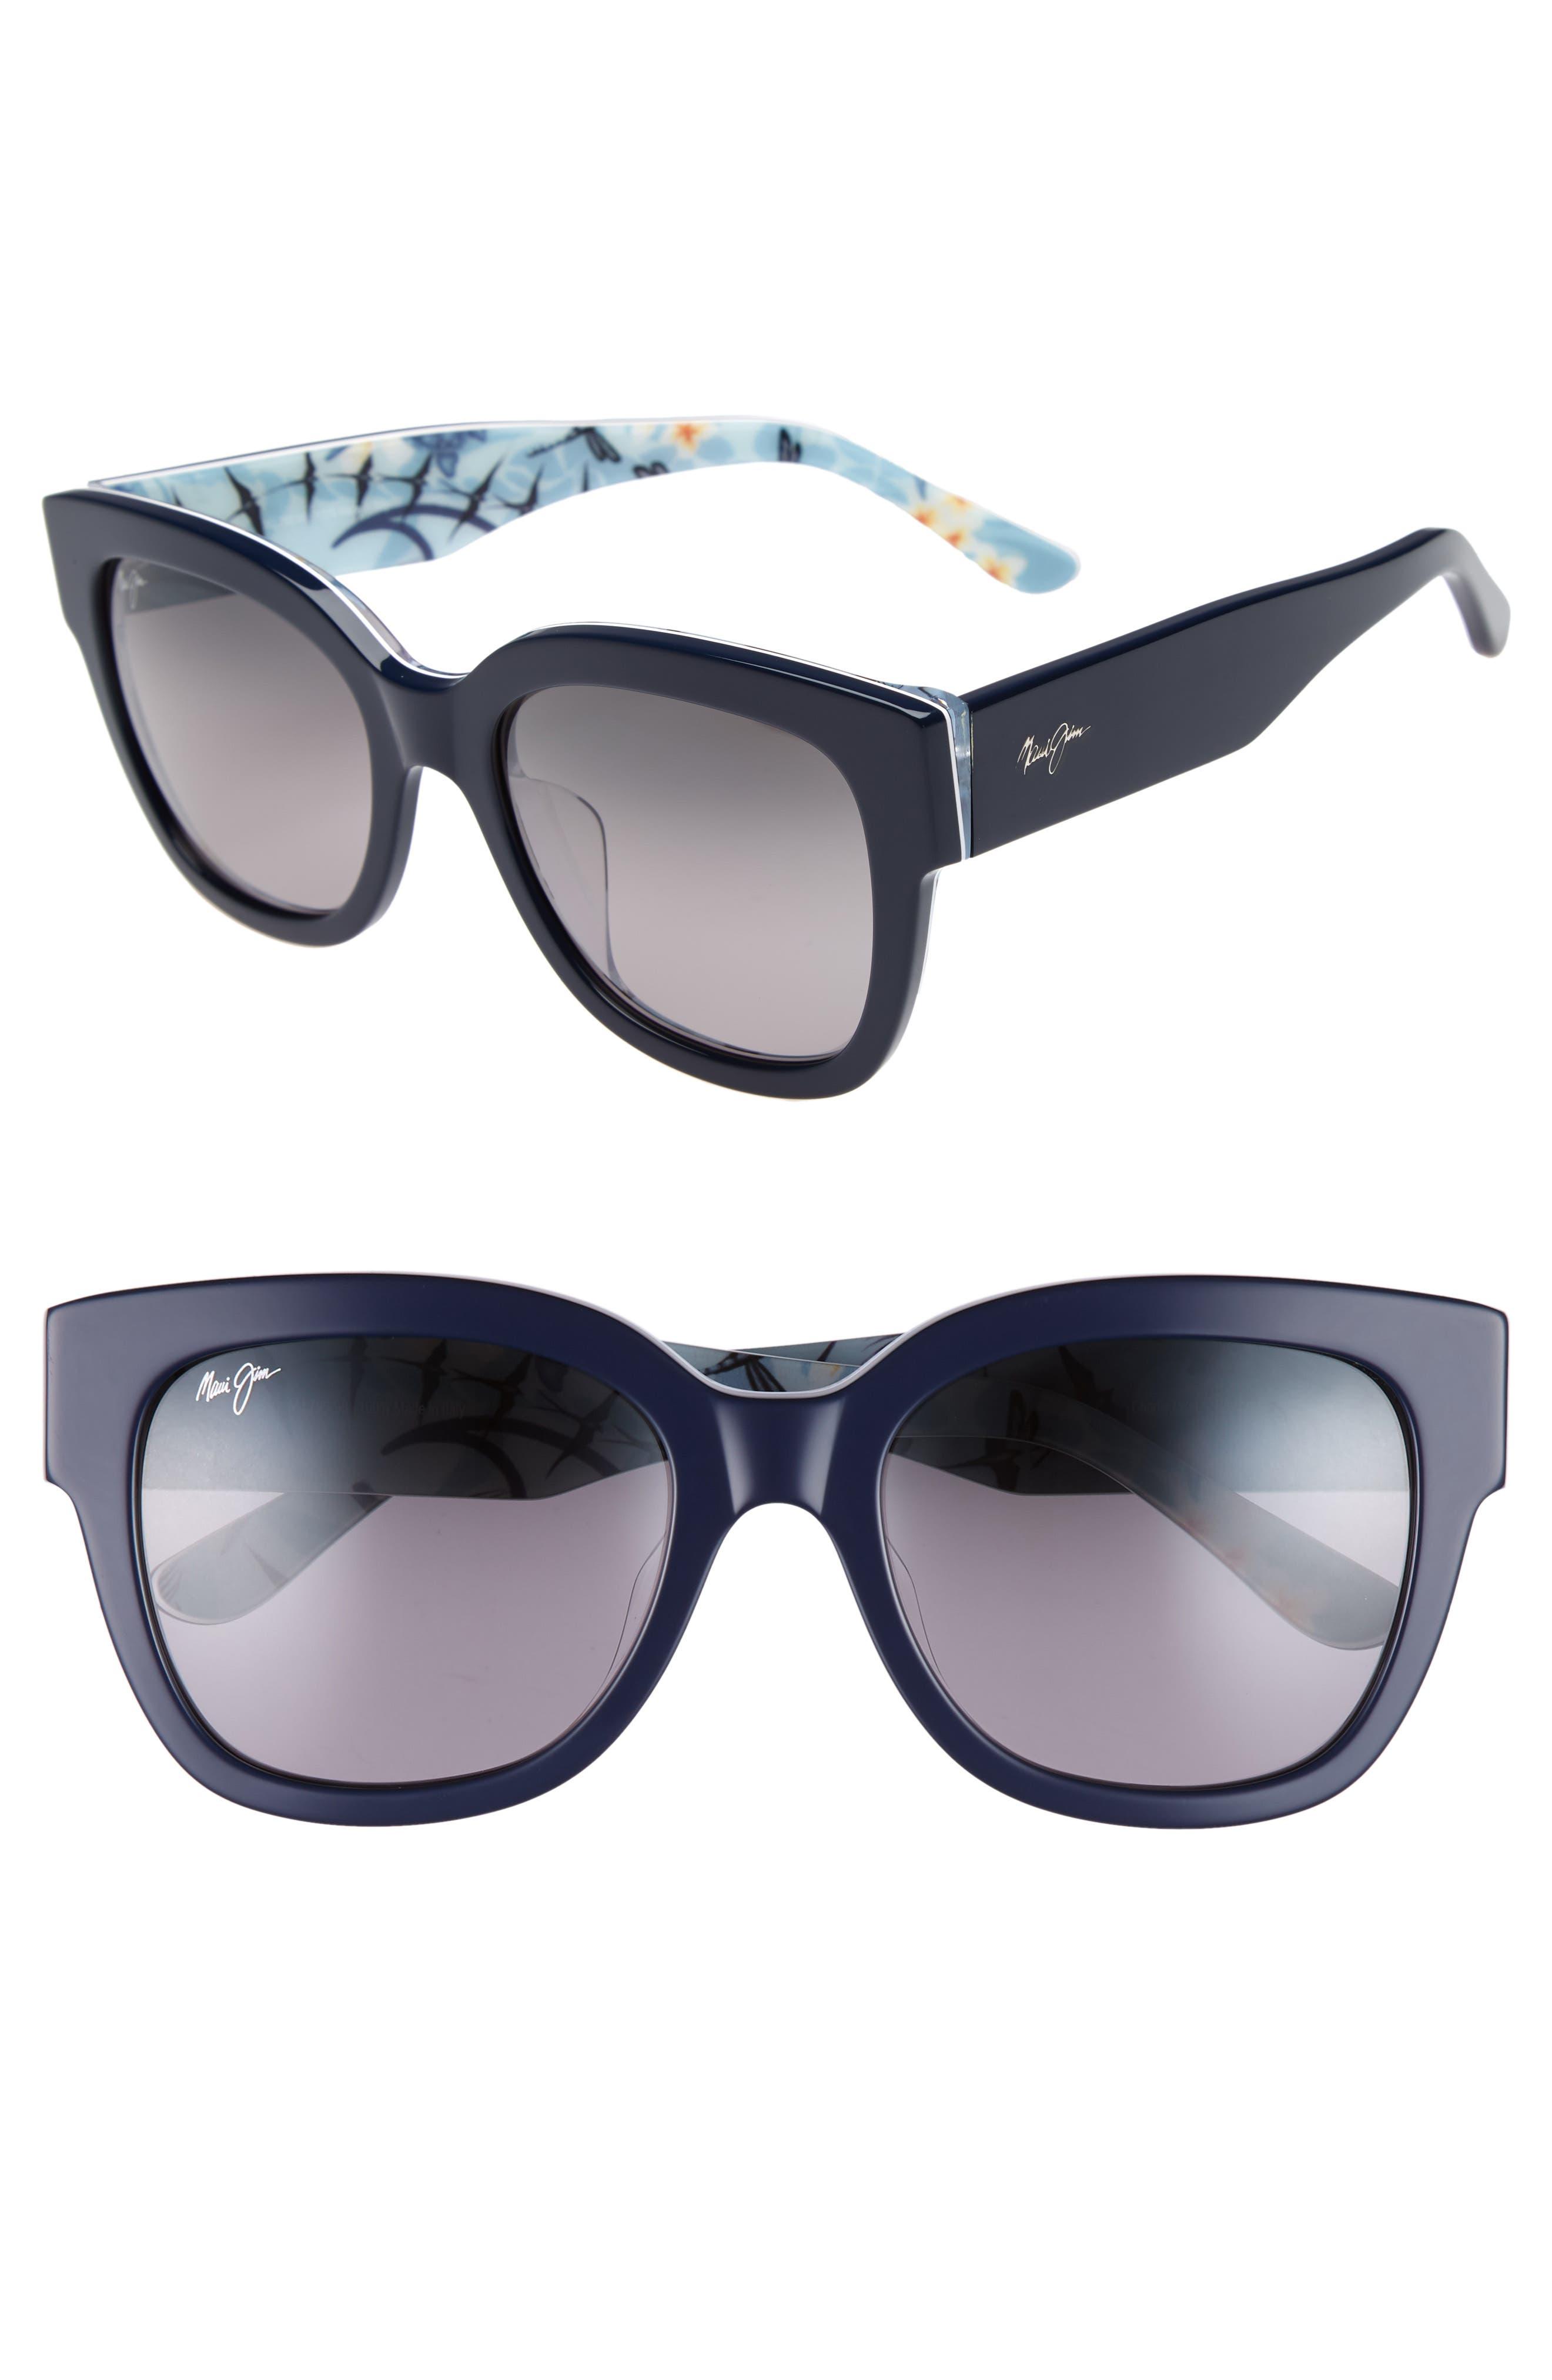 54mm Rhythm Polarized Sunglasses,                         Main,                         color, NAVY BLUE/ NEUTRAL GREY